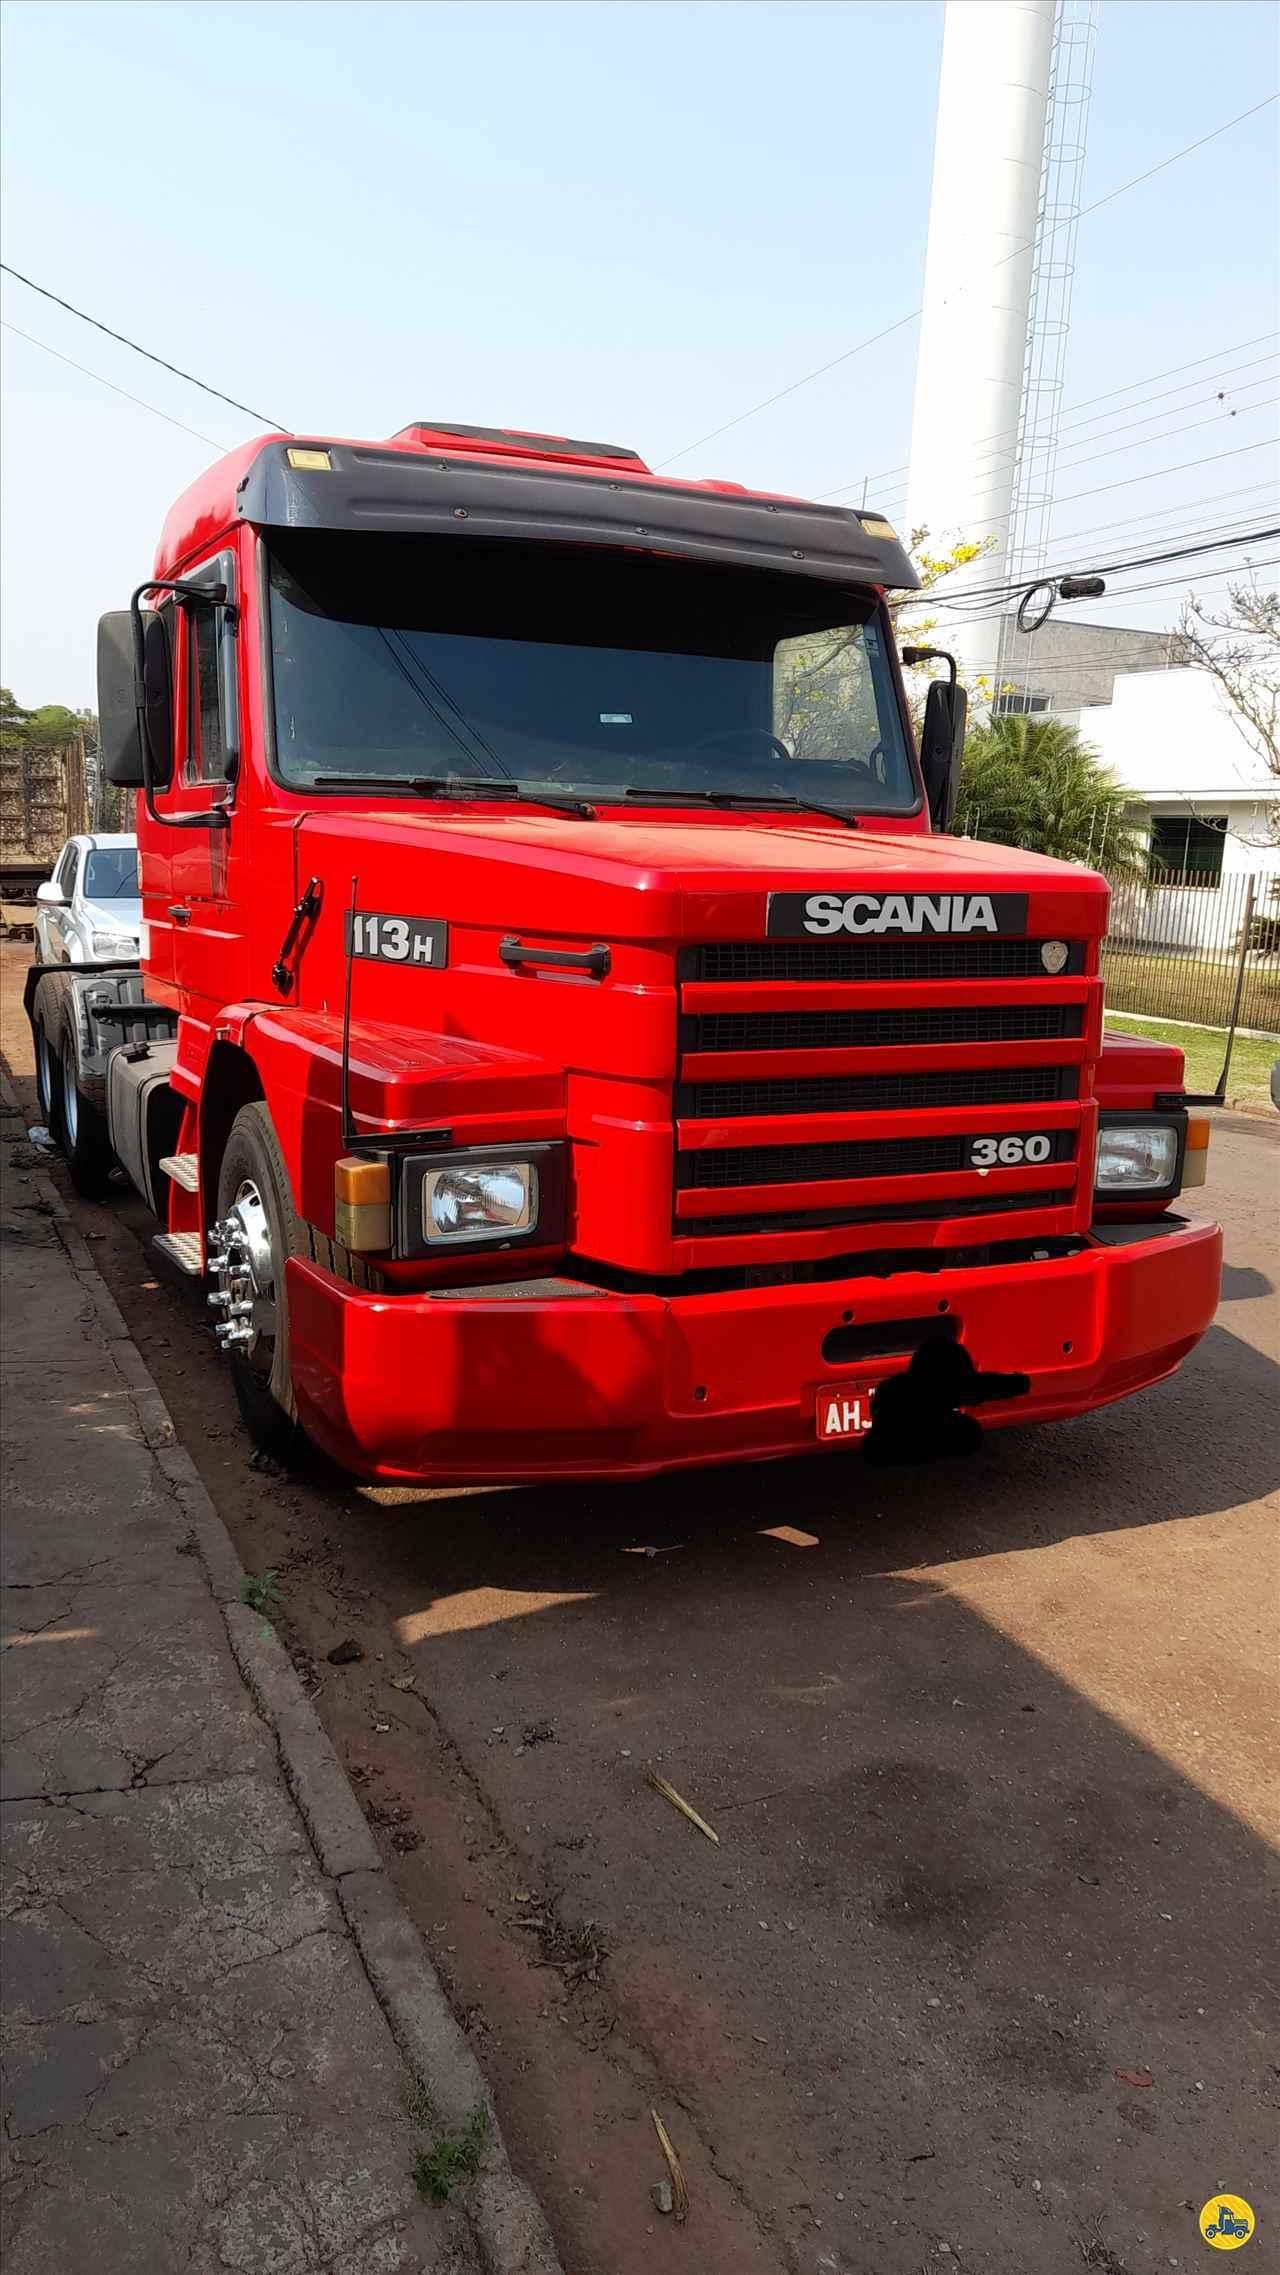 CAMINHAO SCANIA SCANIA 113 360 Cavalo Mecânico Truck 6x2 Ventania Caminhões MARINGA PARANÁ PR